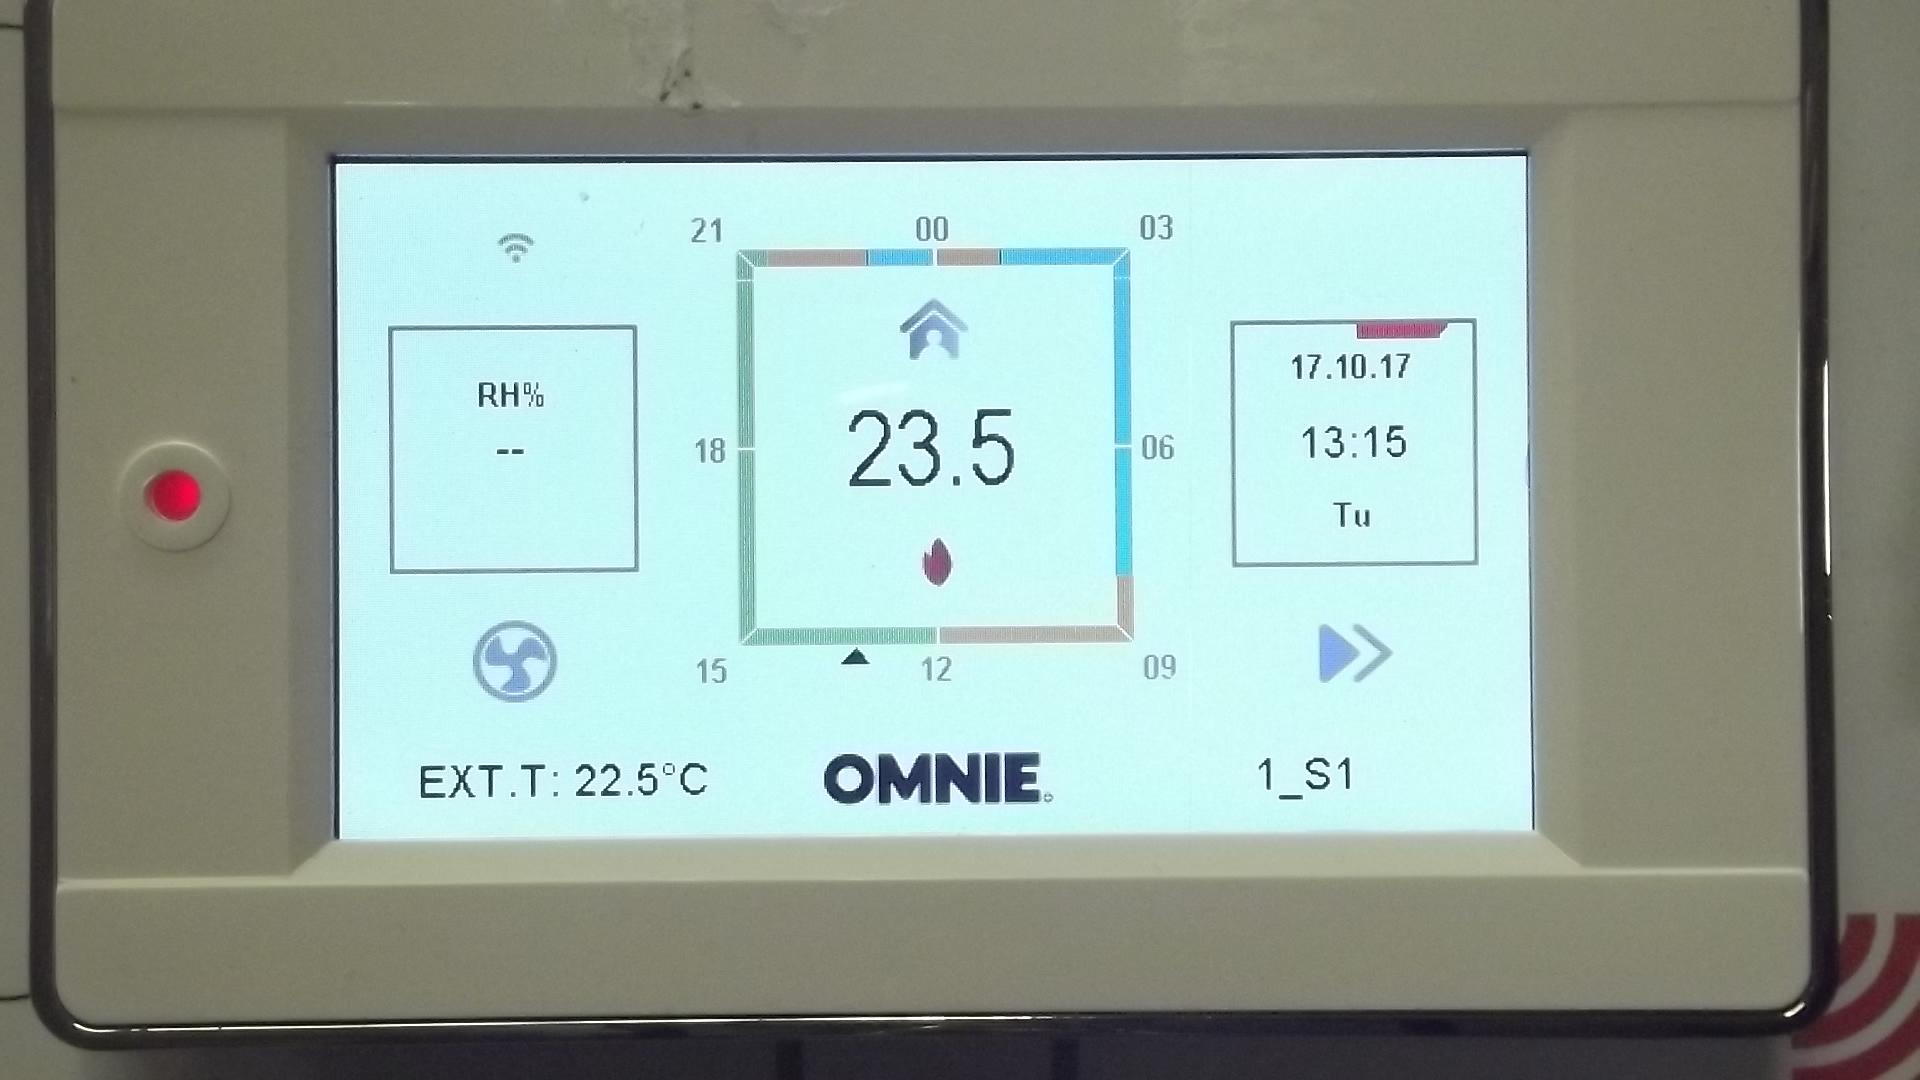 Omnie Network Controls Install Guide – OMNIE